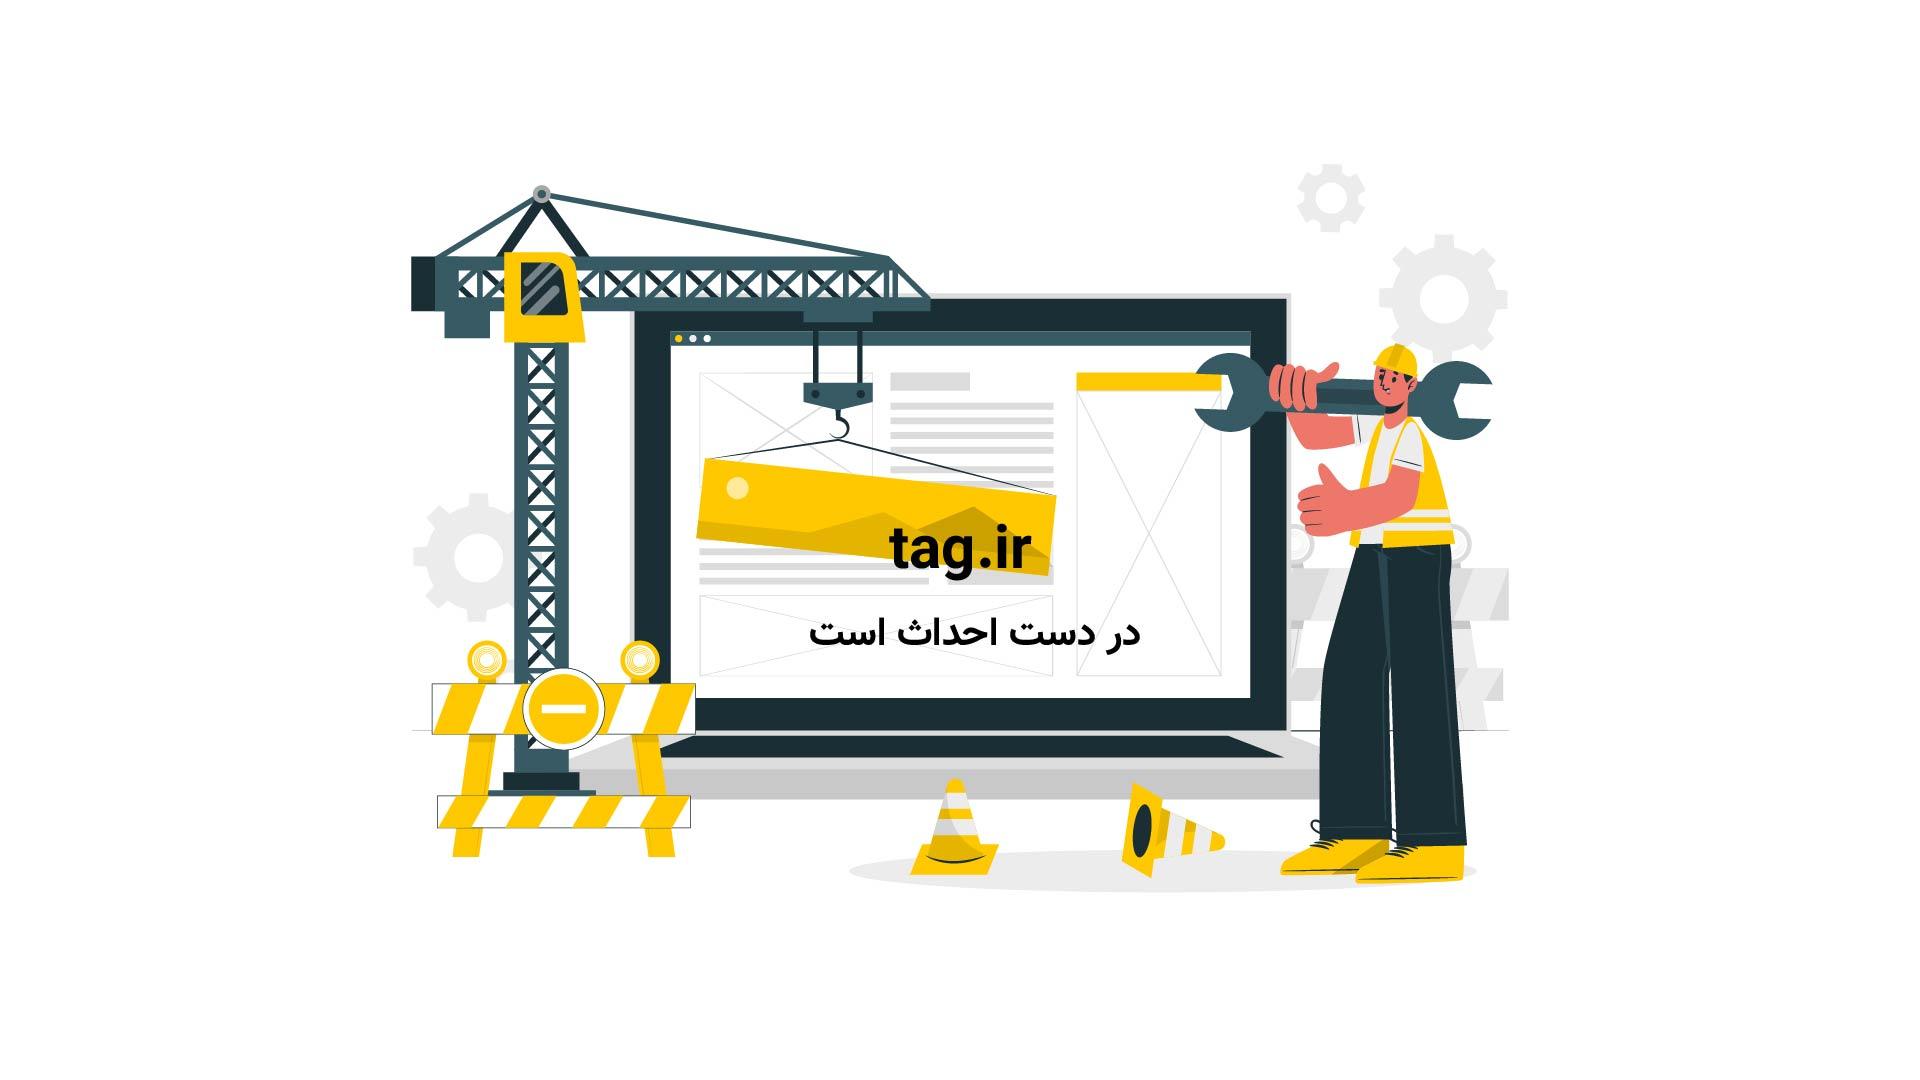 نبرد پنج شیر نر برای فرماندهی گله | فیلم